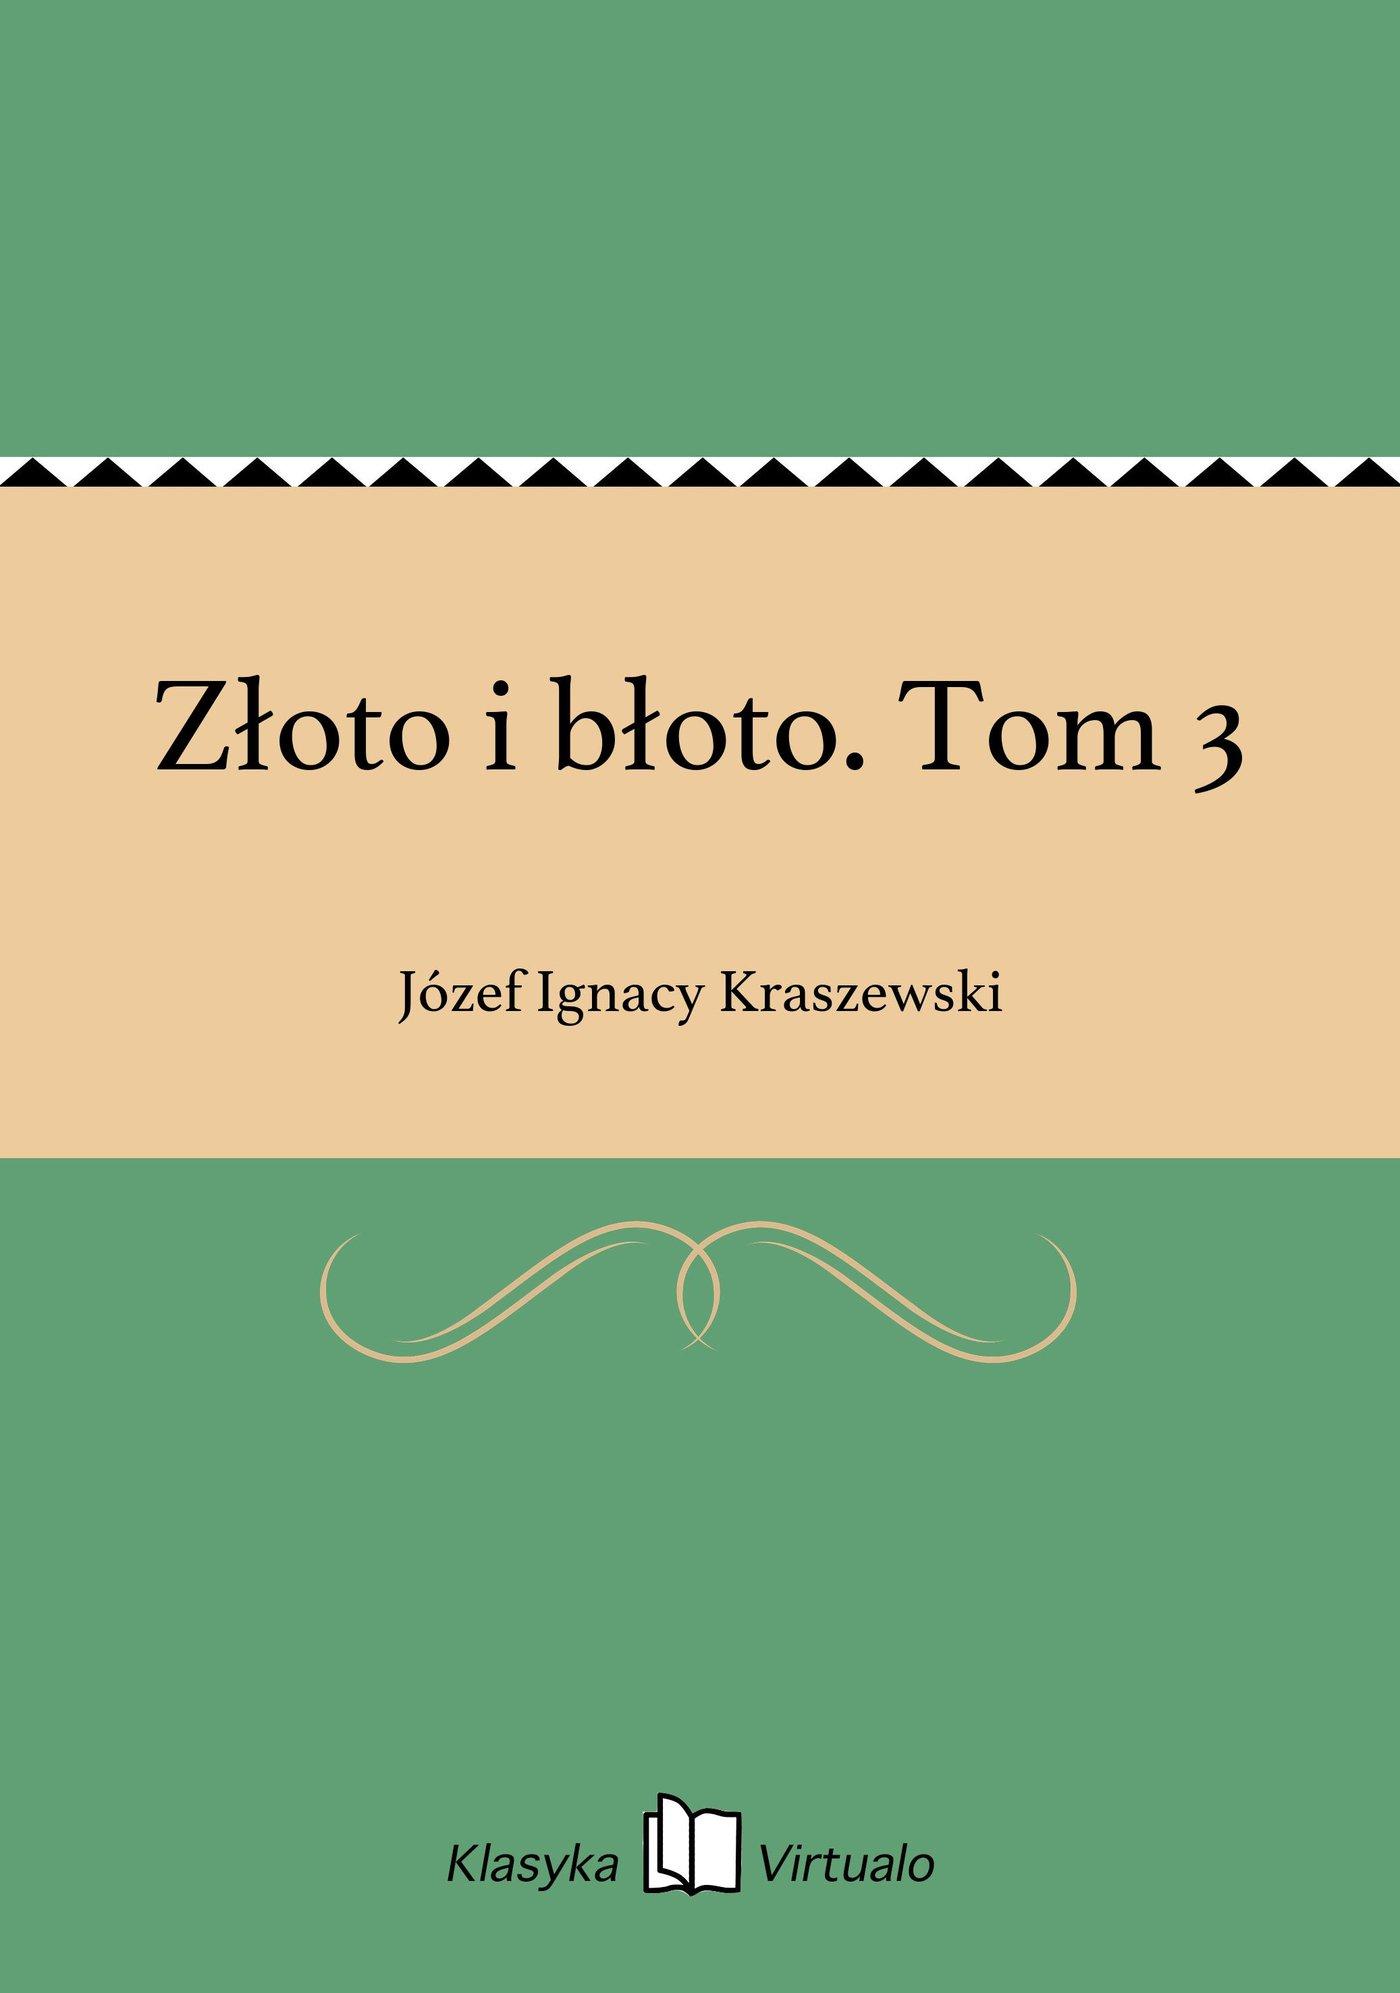 Złoto i błoto. Tom 3 - Ebook (Książka na Kindle) do pobrania w formacie MOBI